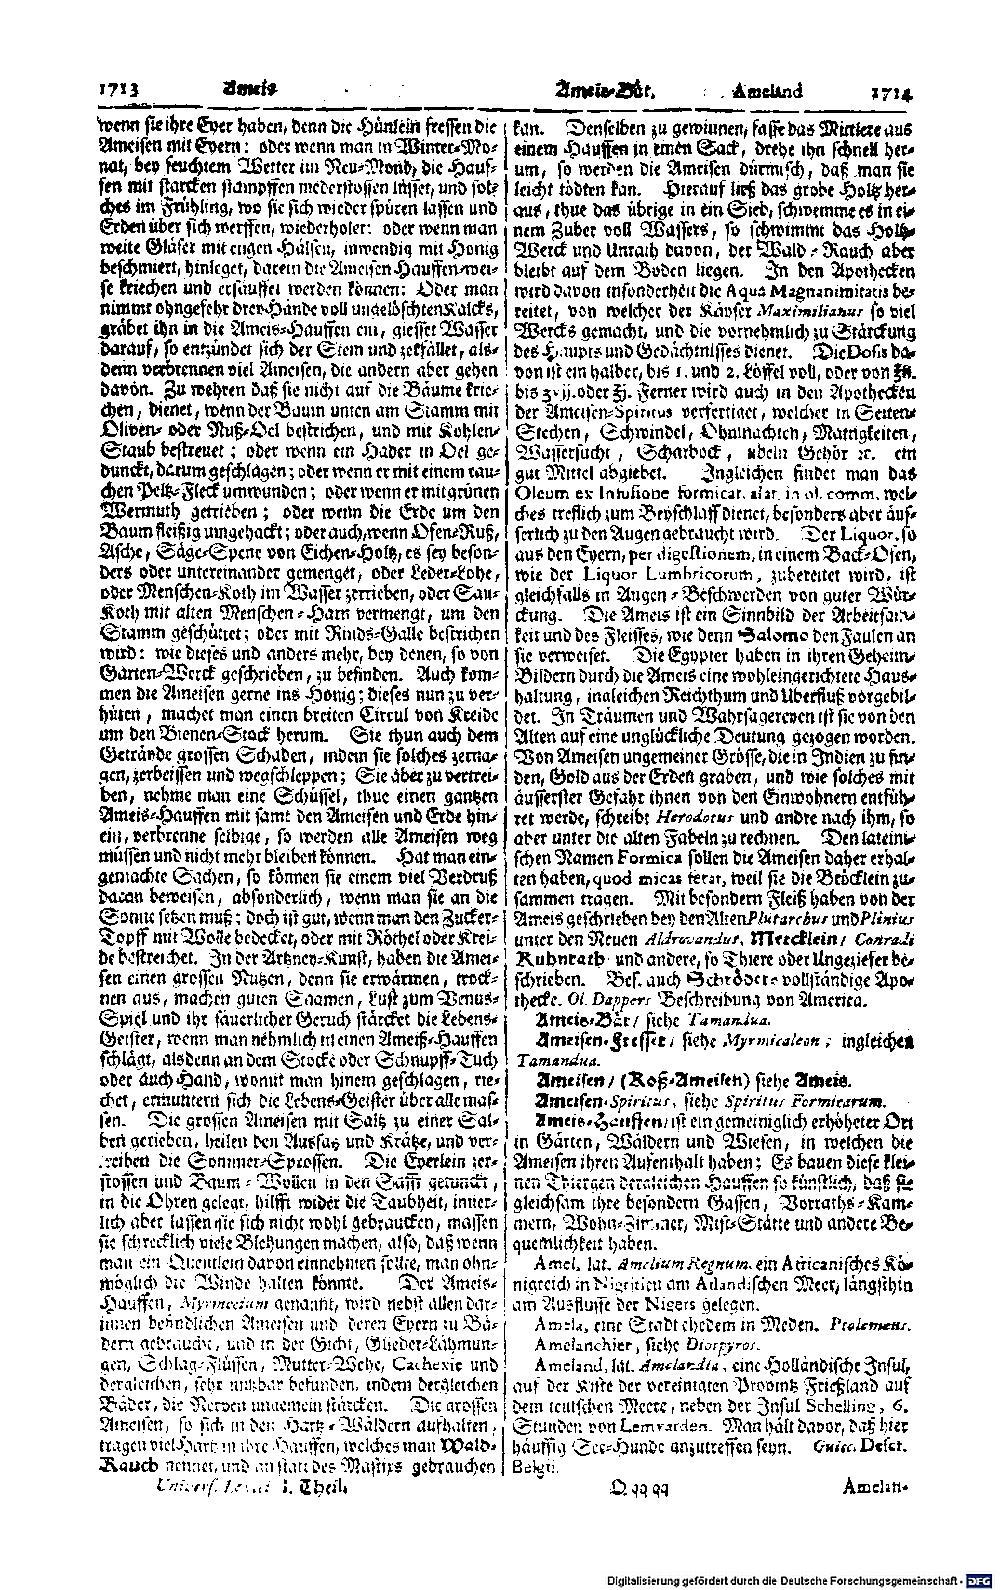 Bd. 01, Seite 0846.